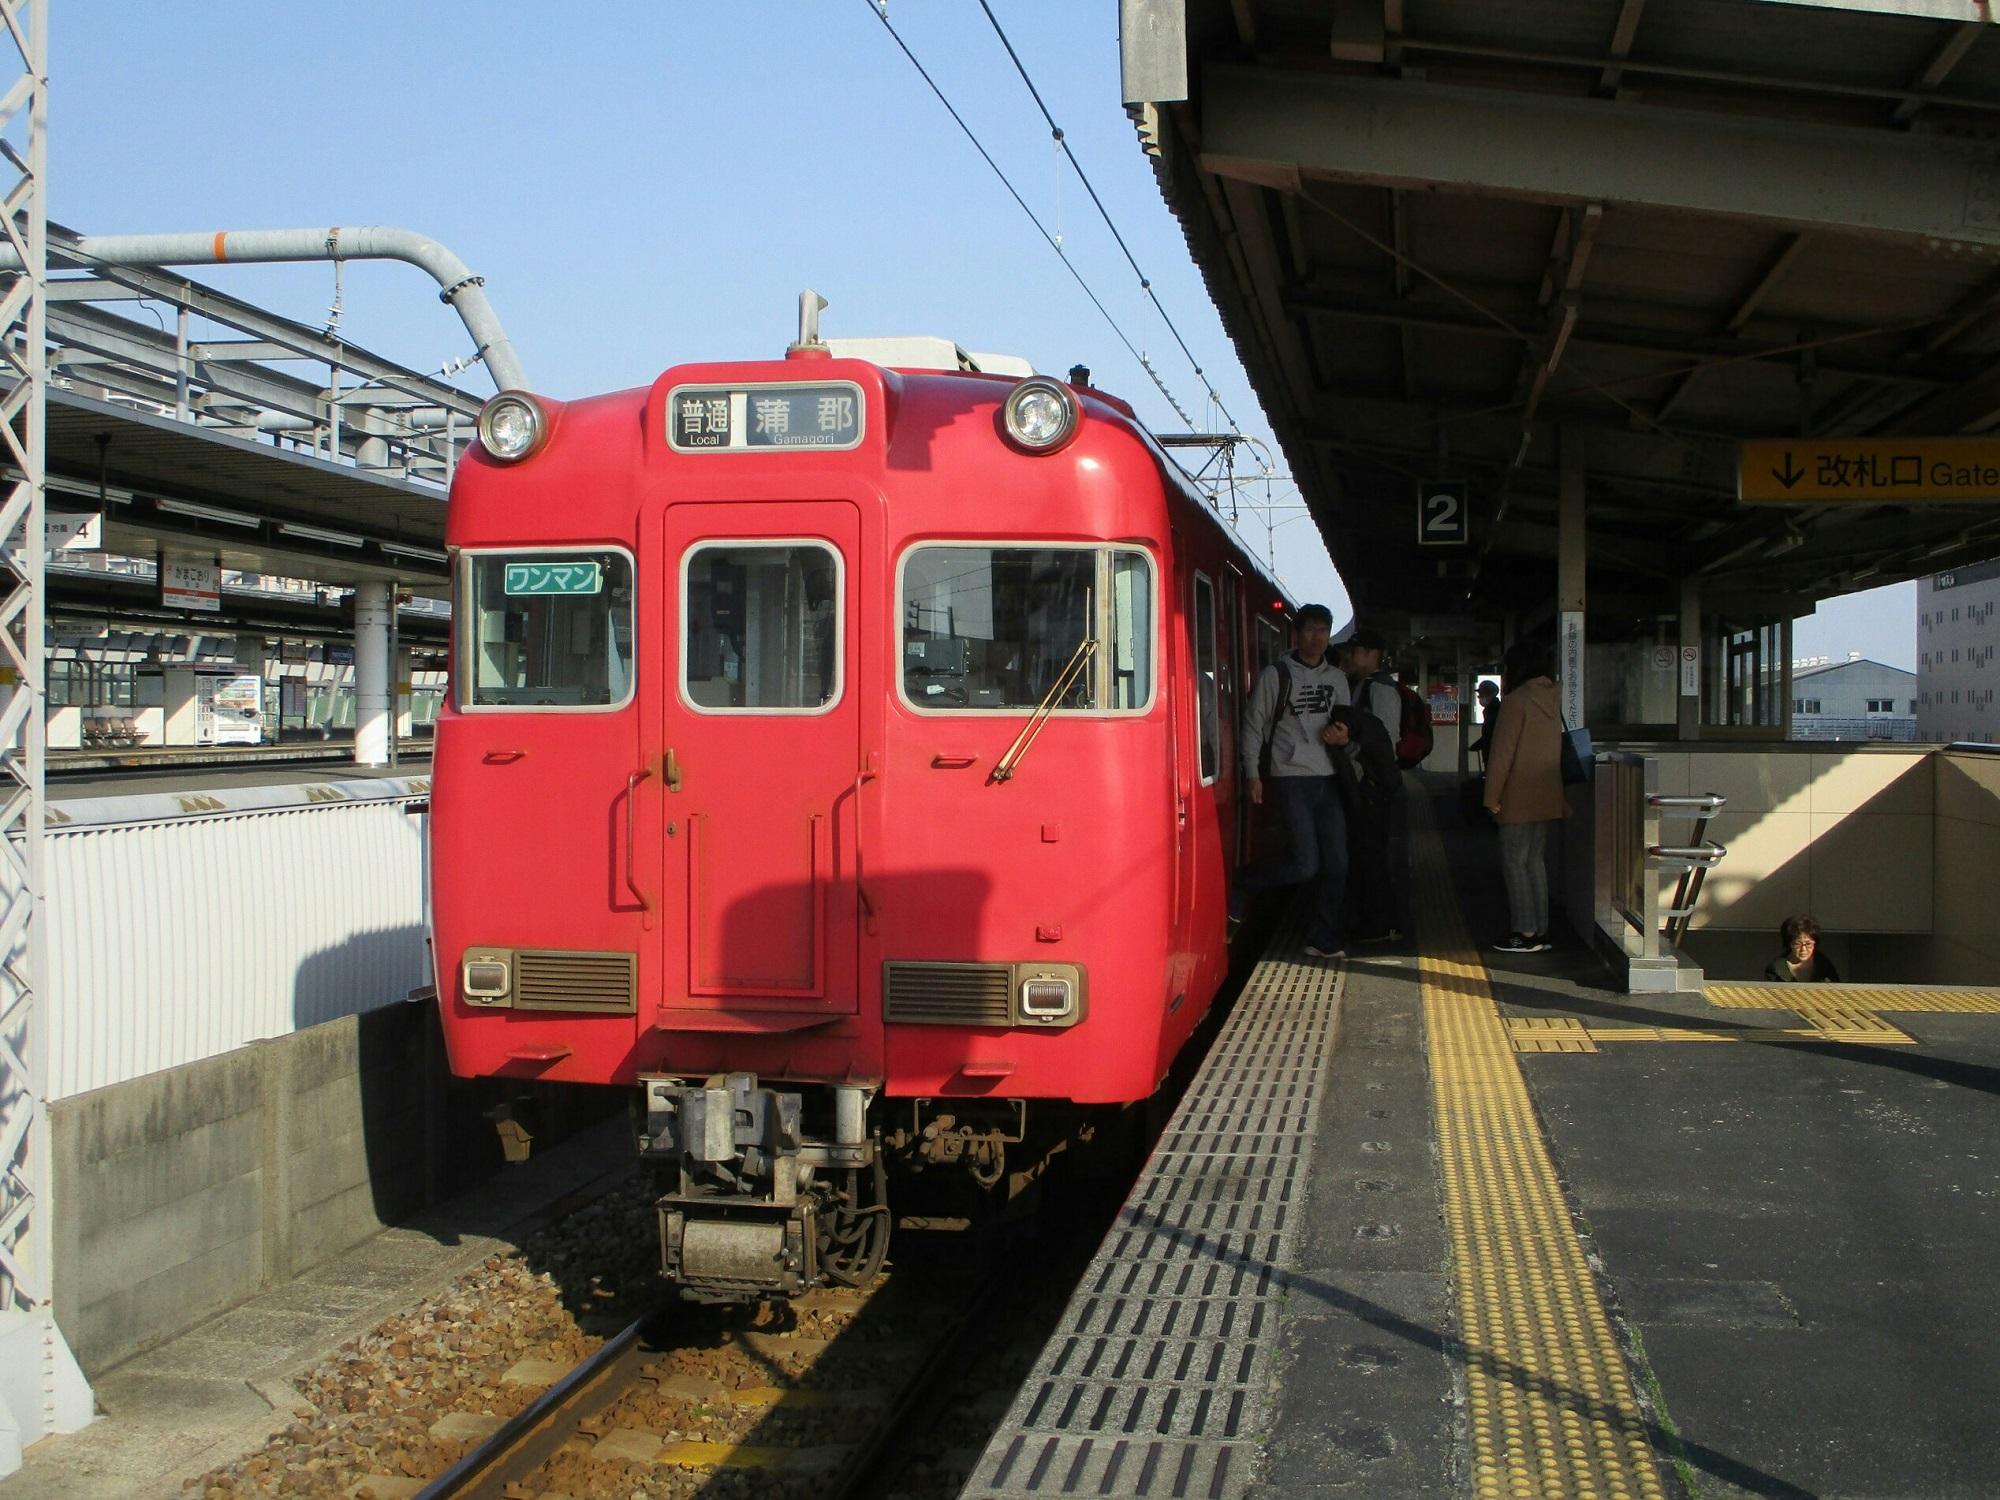 2019.3.26 (88) 蒲郡 - 蒲郡いきふつう 2000-1500